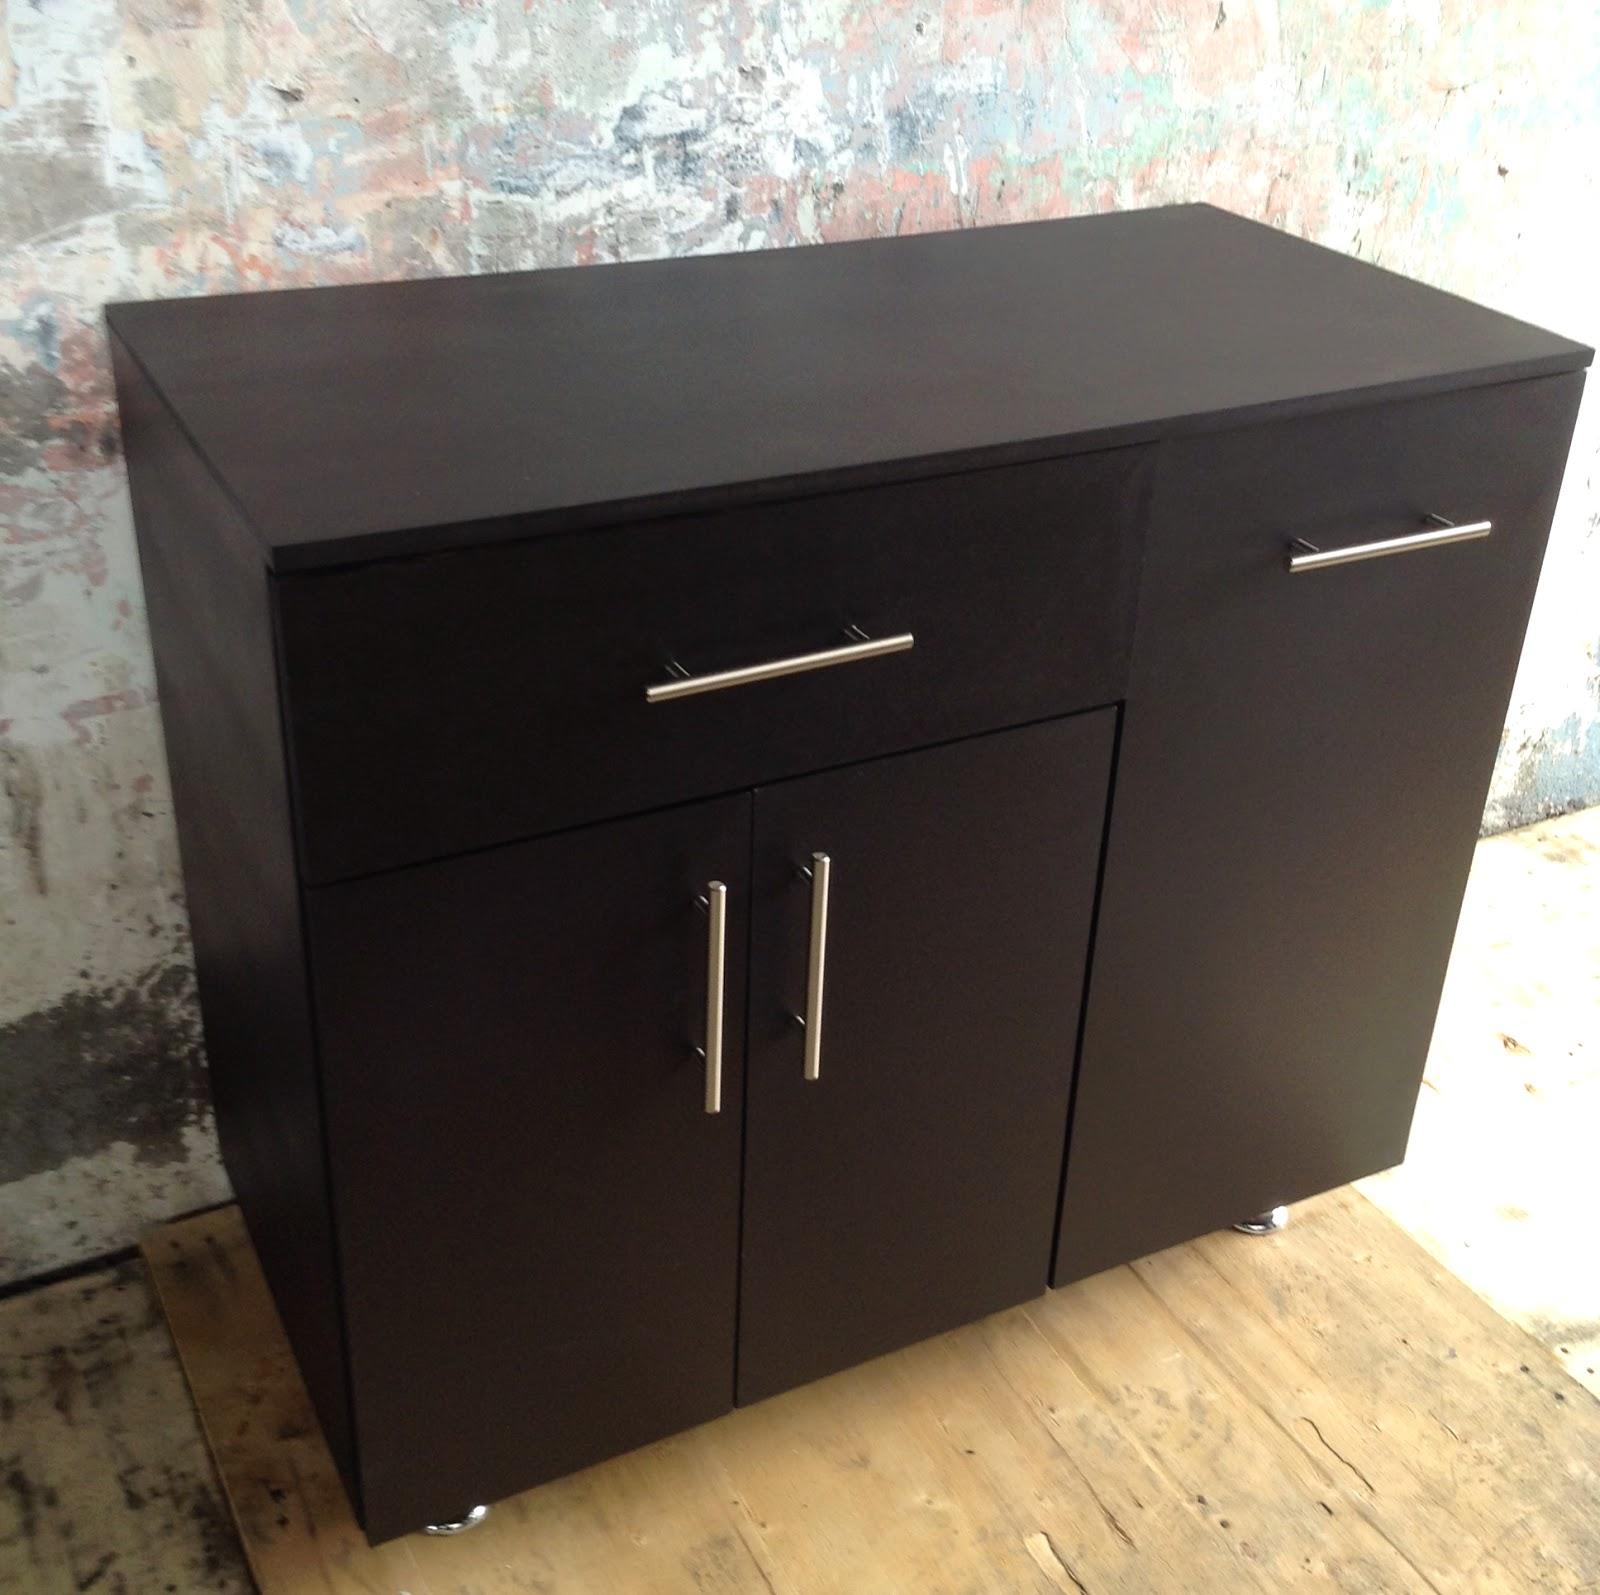 El outlet del gabinete gabinete de cocina con tarja y alacena - Mueble esquinero cocina ...